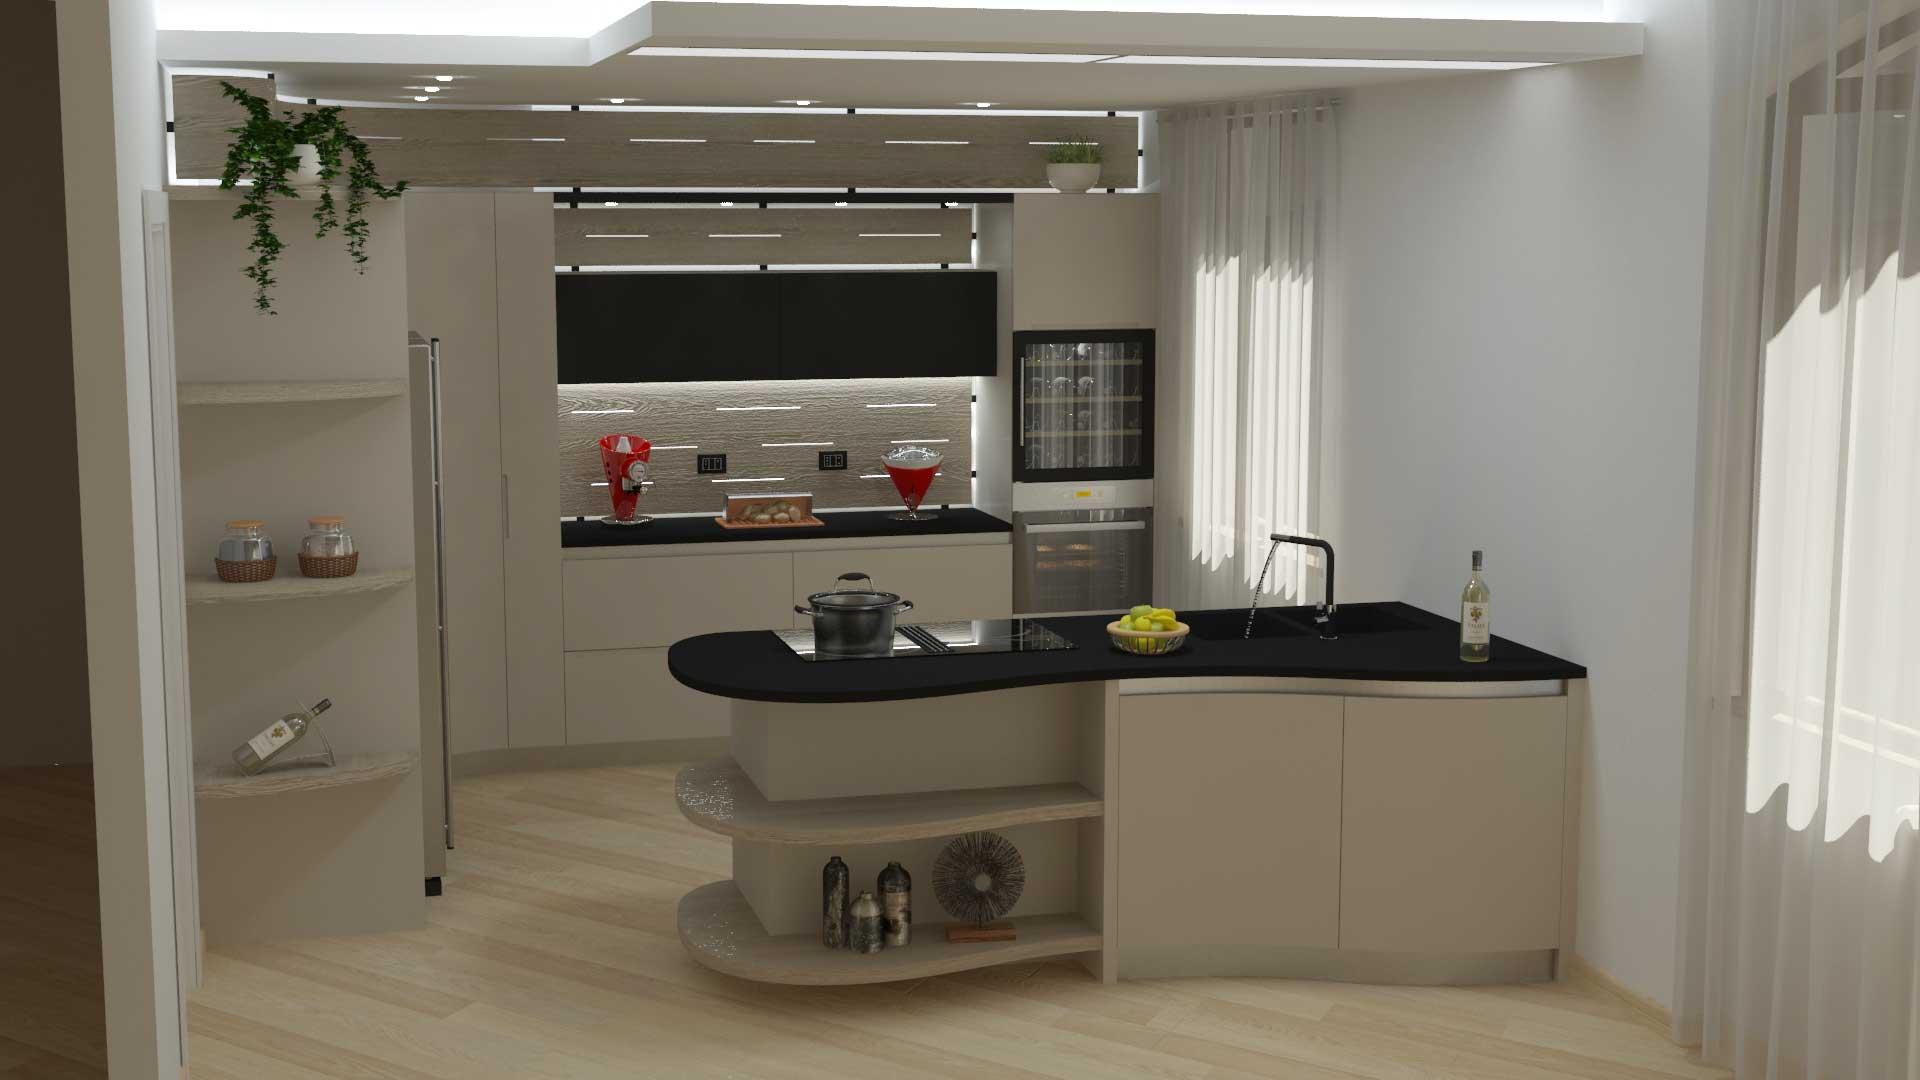 Cucine Ad Angolo Con Isola. Eccezionale Idee Di Lavello Cucina Ad ...